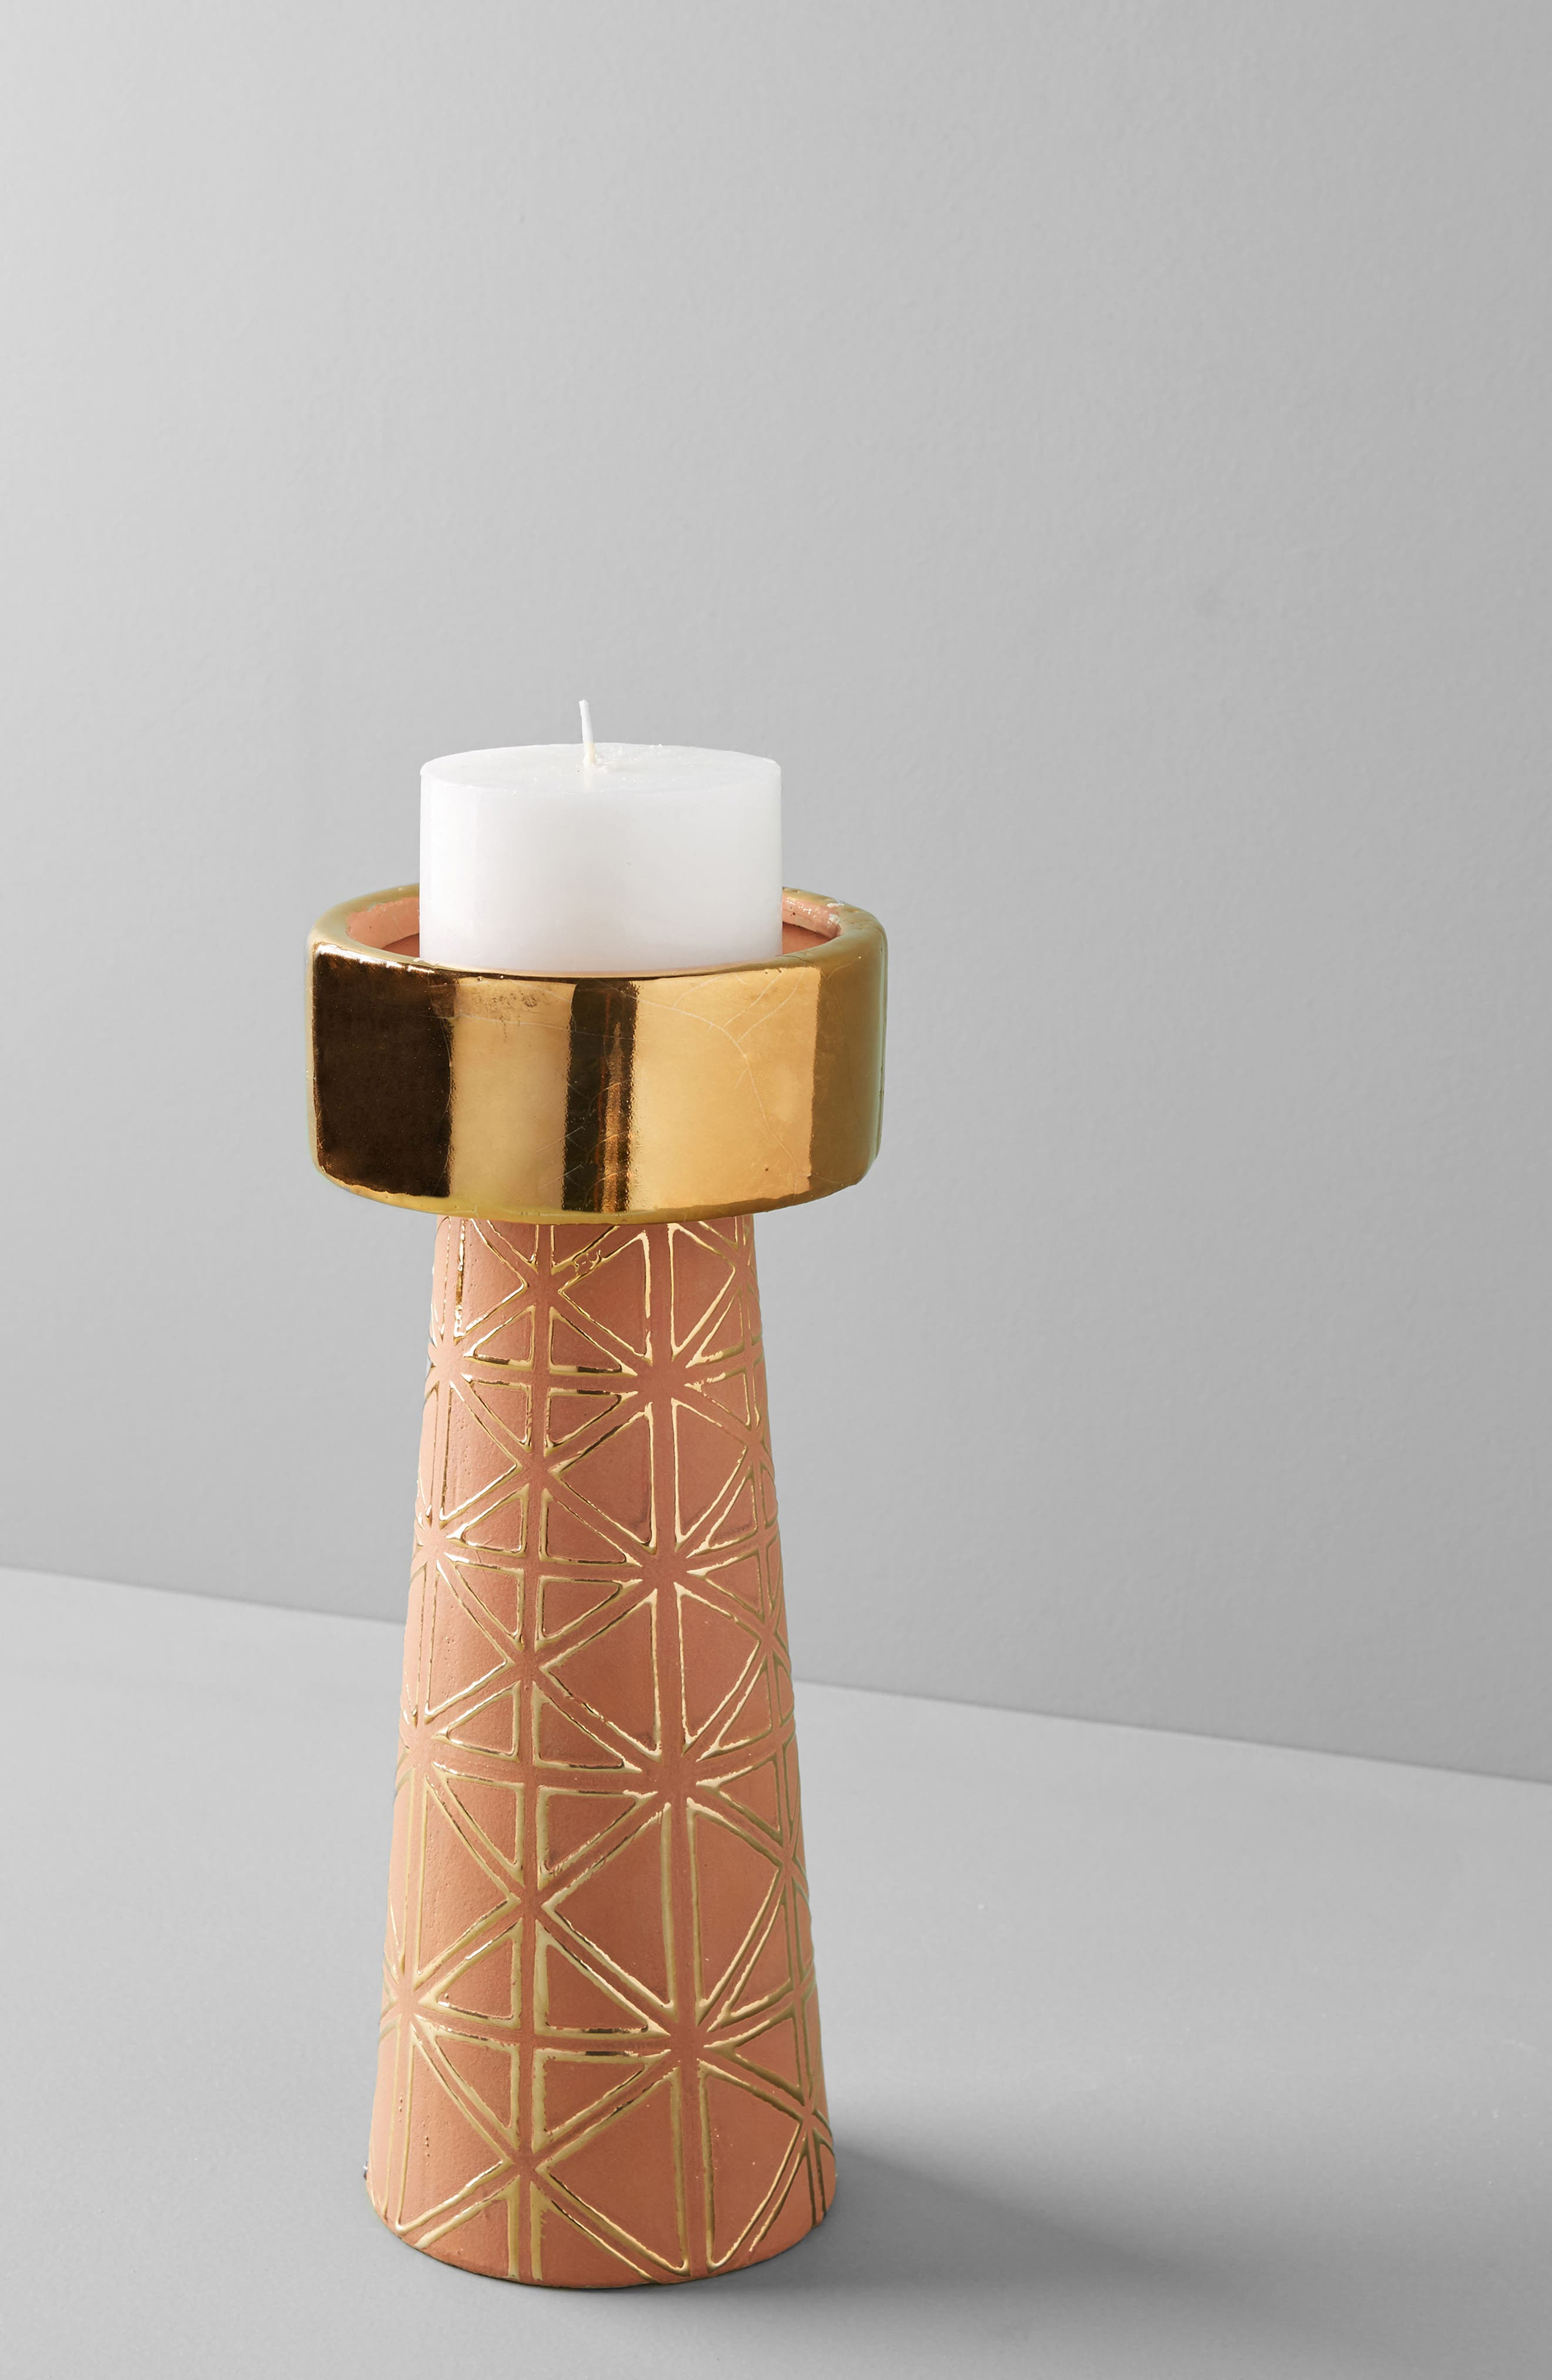 ANTHROPOLOGIE,                             Geo Pillar Candleholder,                             Alternate thumbnail 4, color,                             200